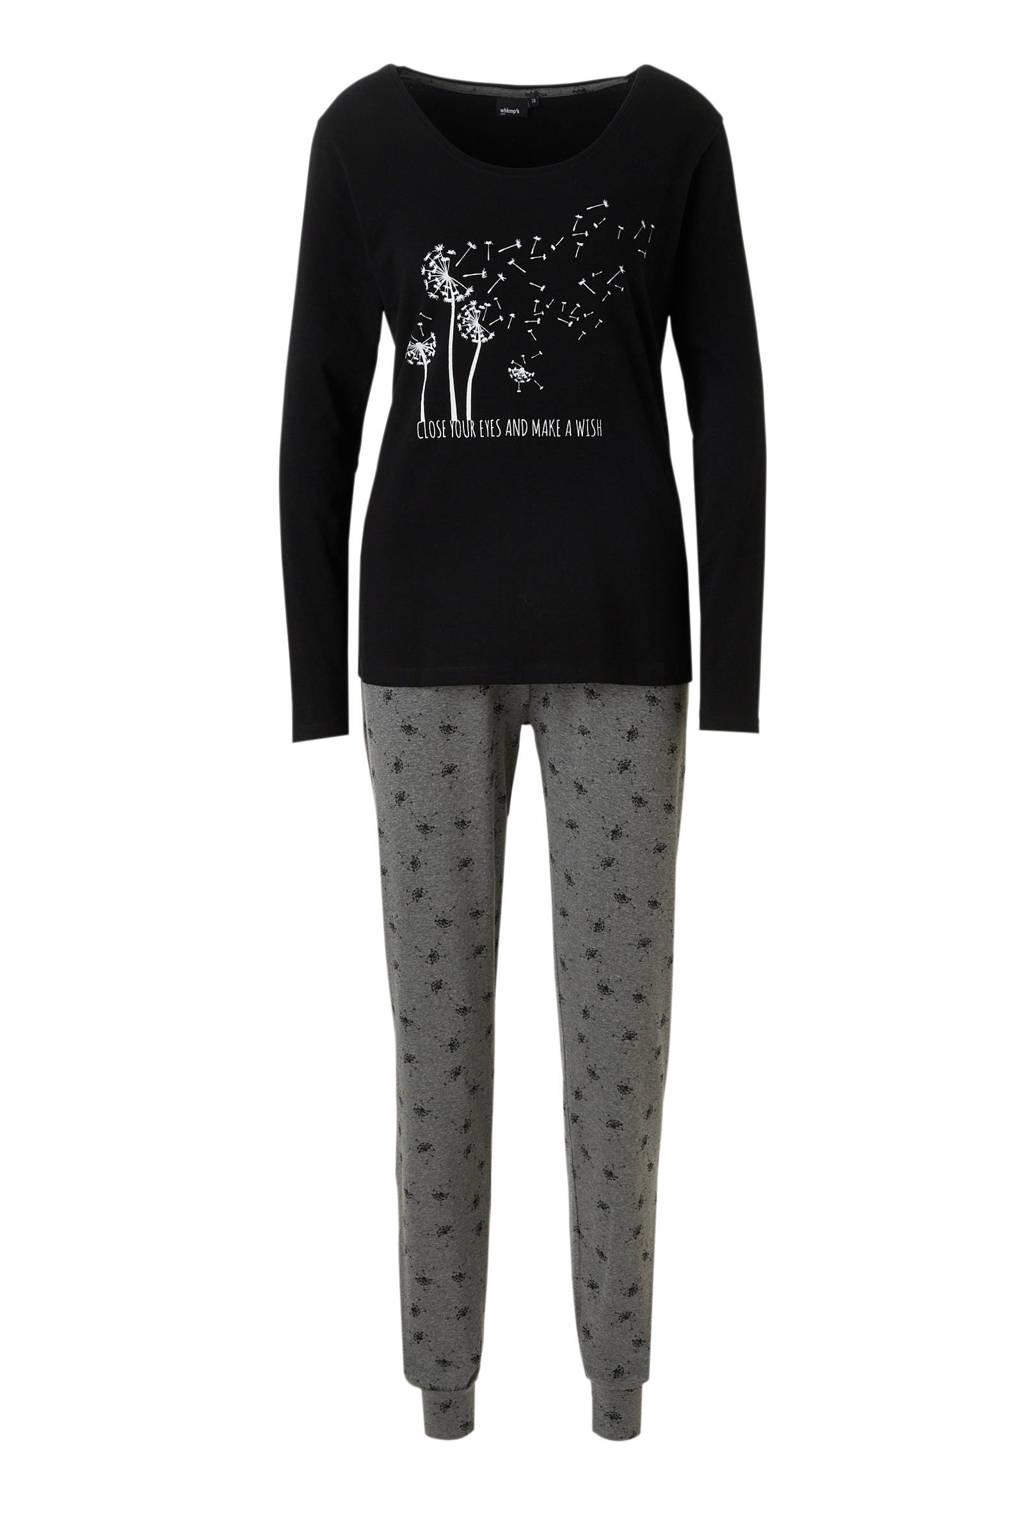 whkmp's own pyjama met print zwart/grijs, Zwart/grijs mêlee